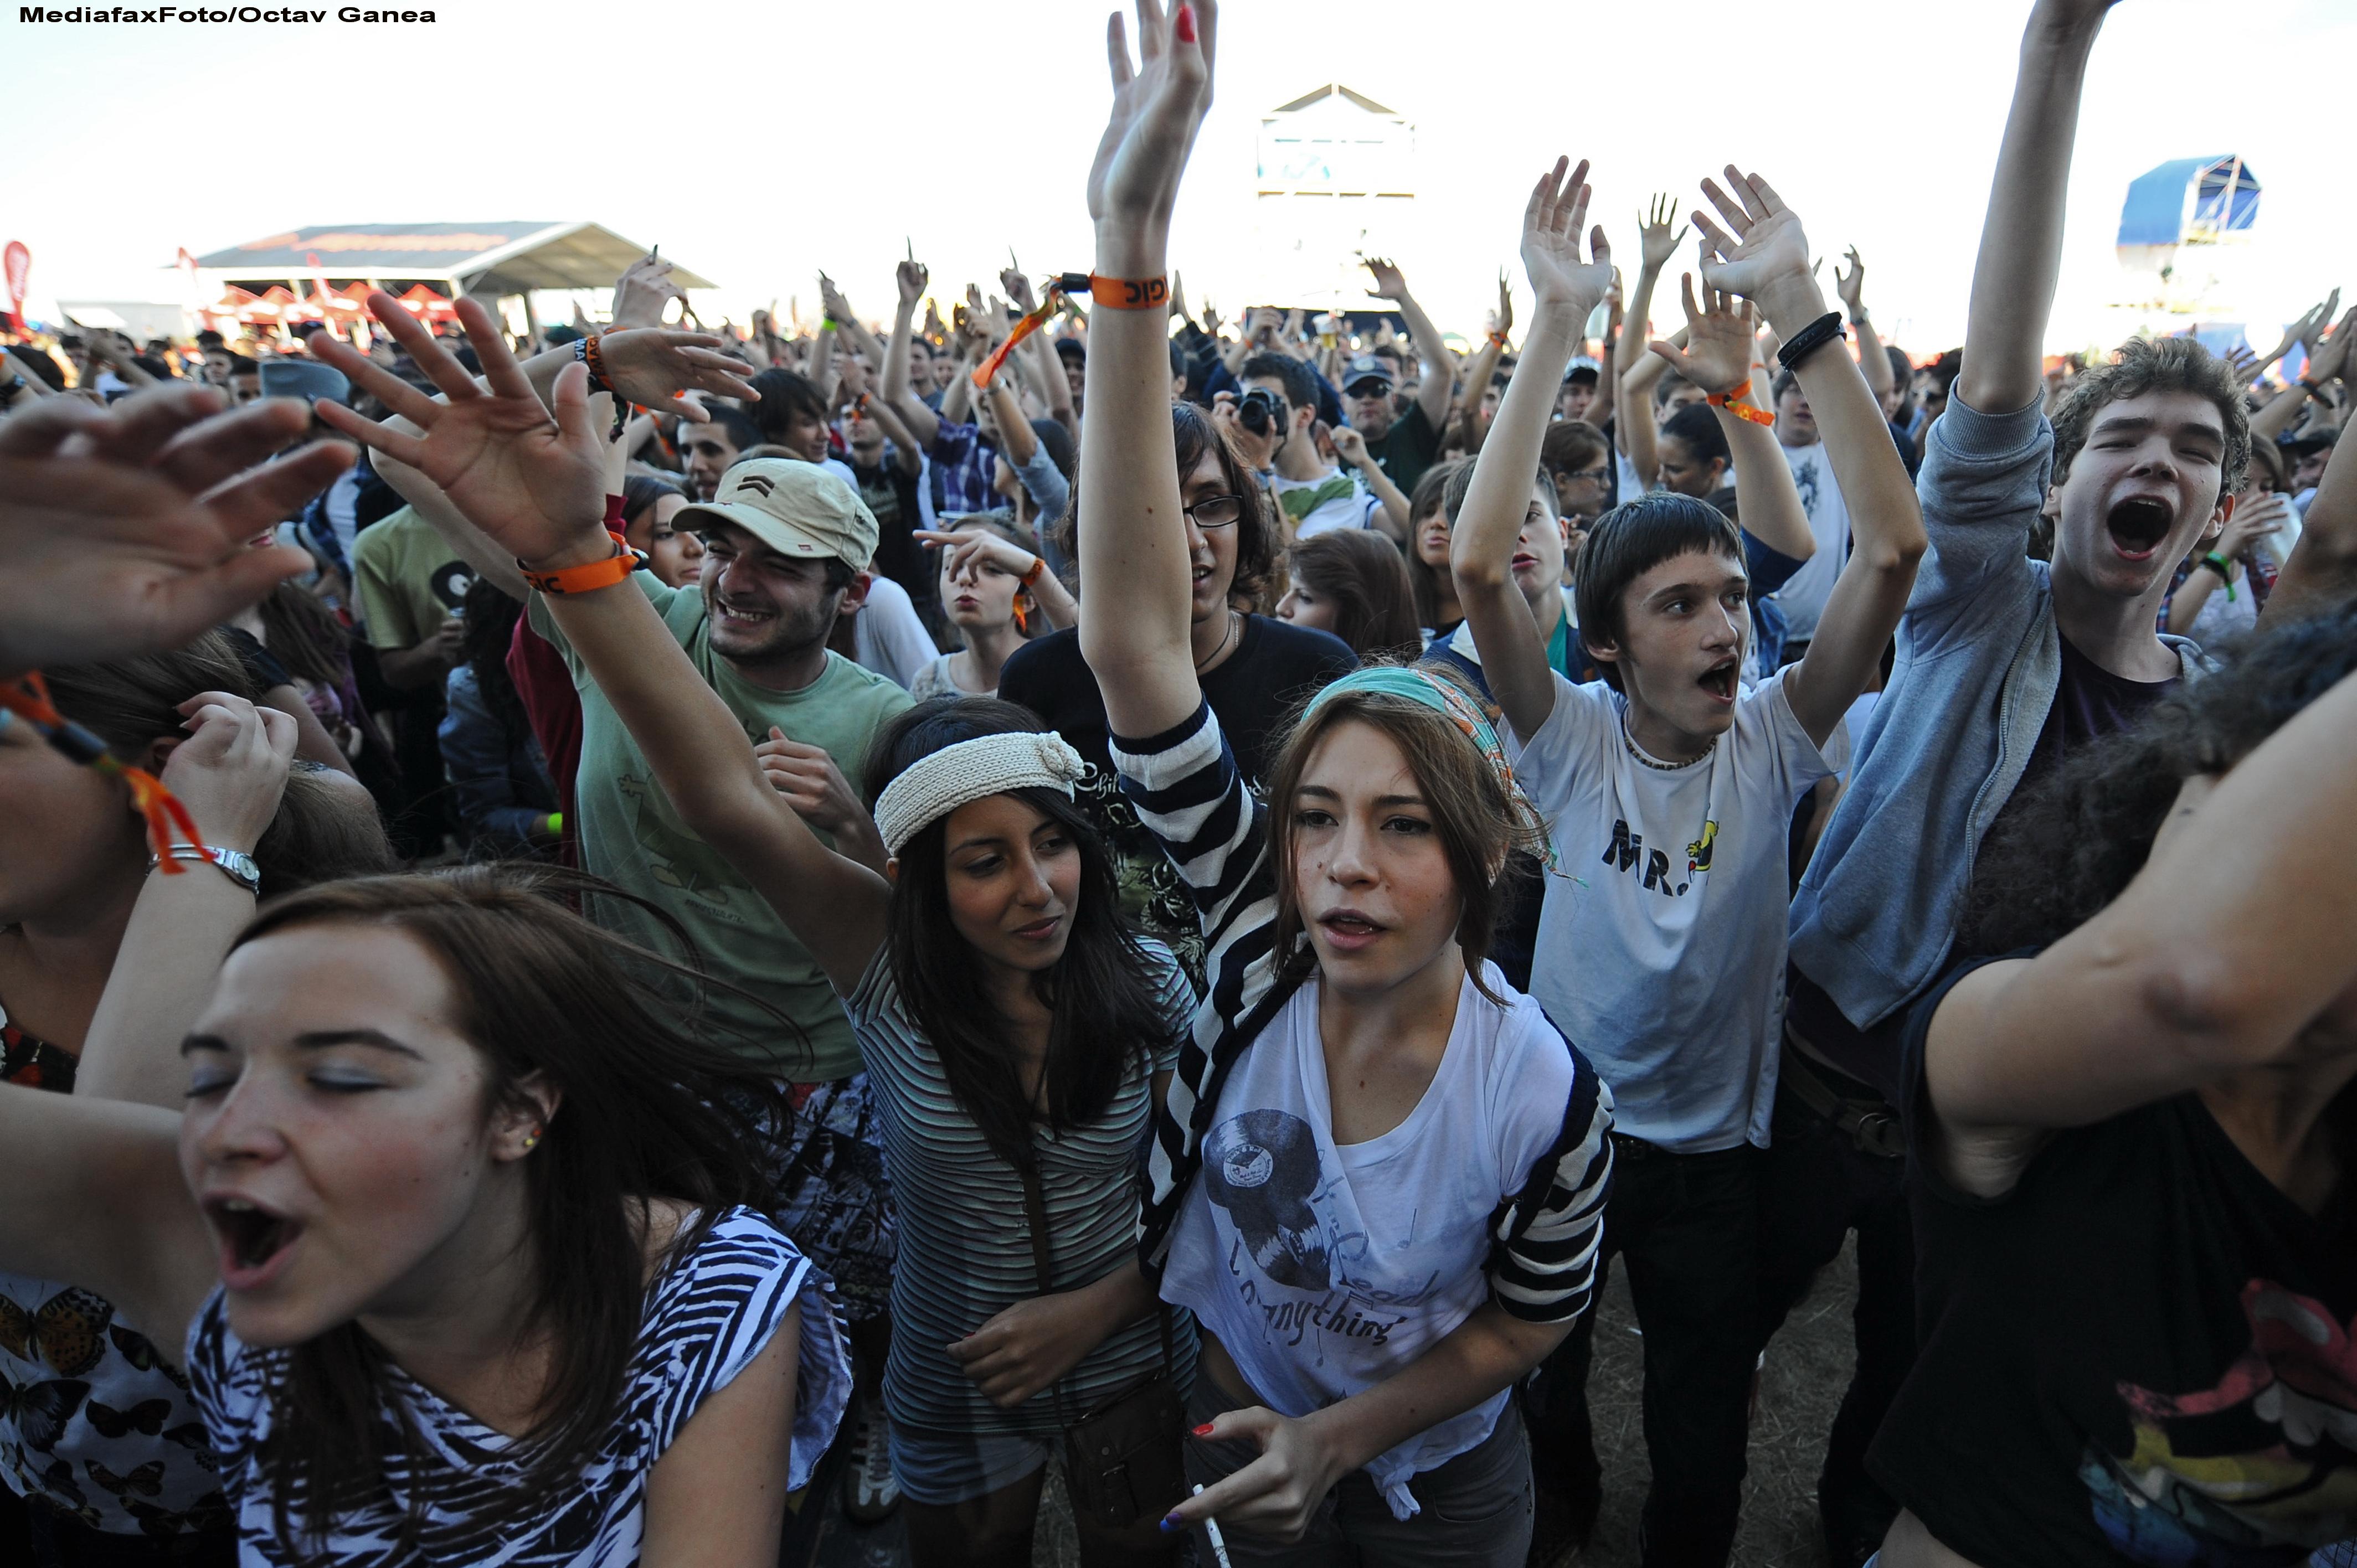 Nume noi la B'estfest 2012: Garbage, Caro Emerald, Selah Sue, The Qemists, Meshuggah si Obituary